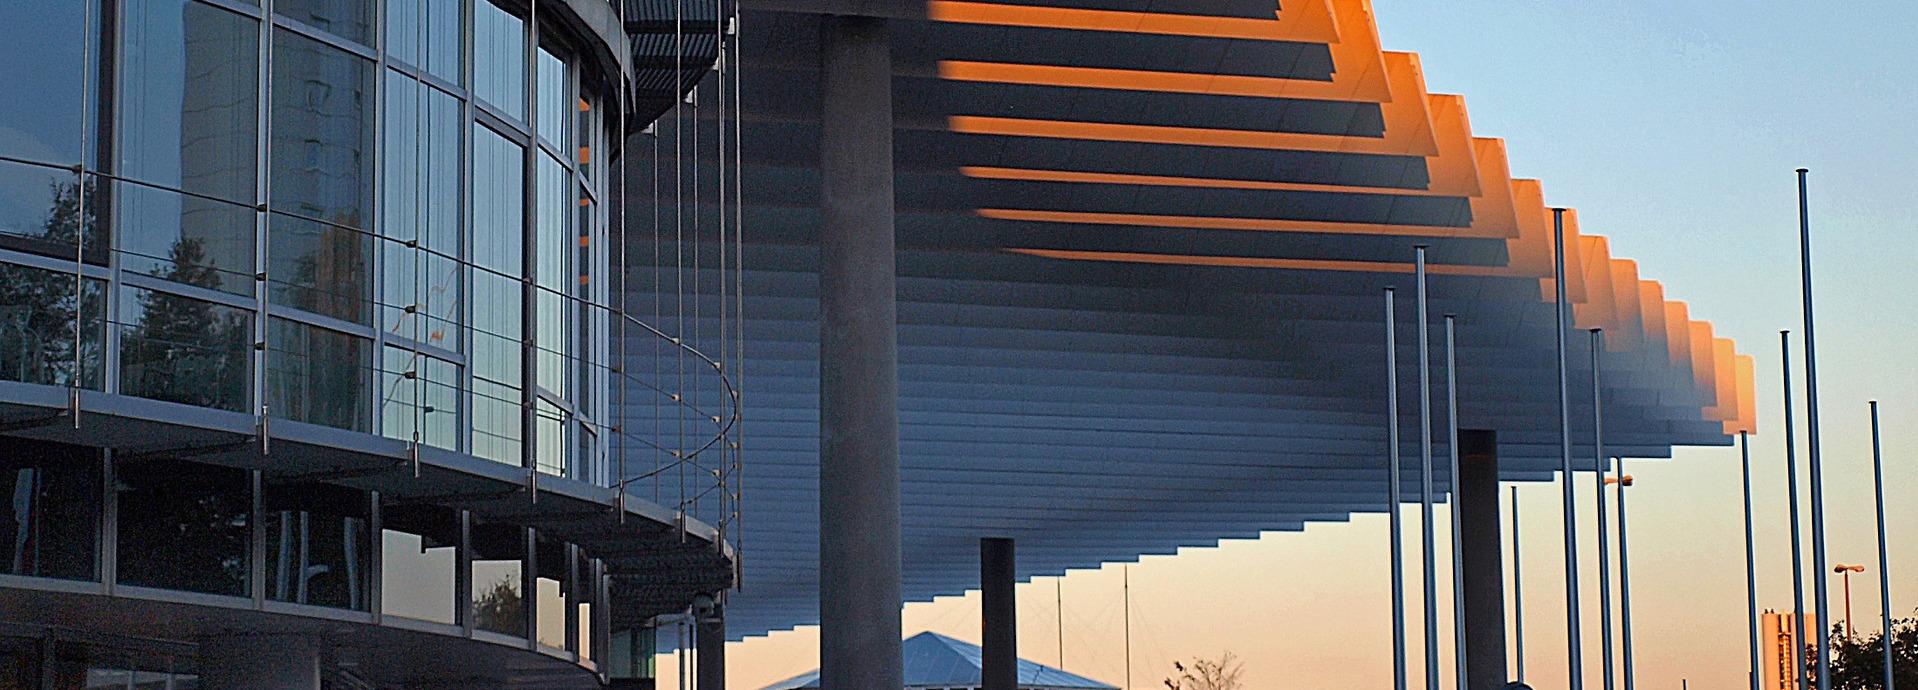 architecture-1561411_1920